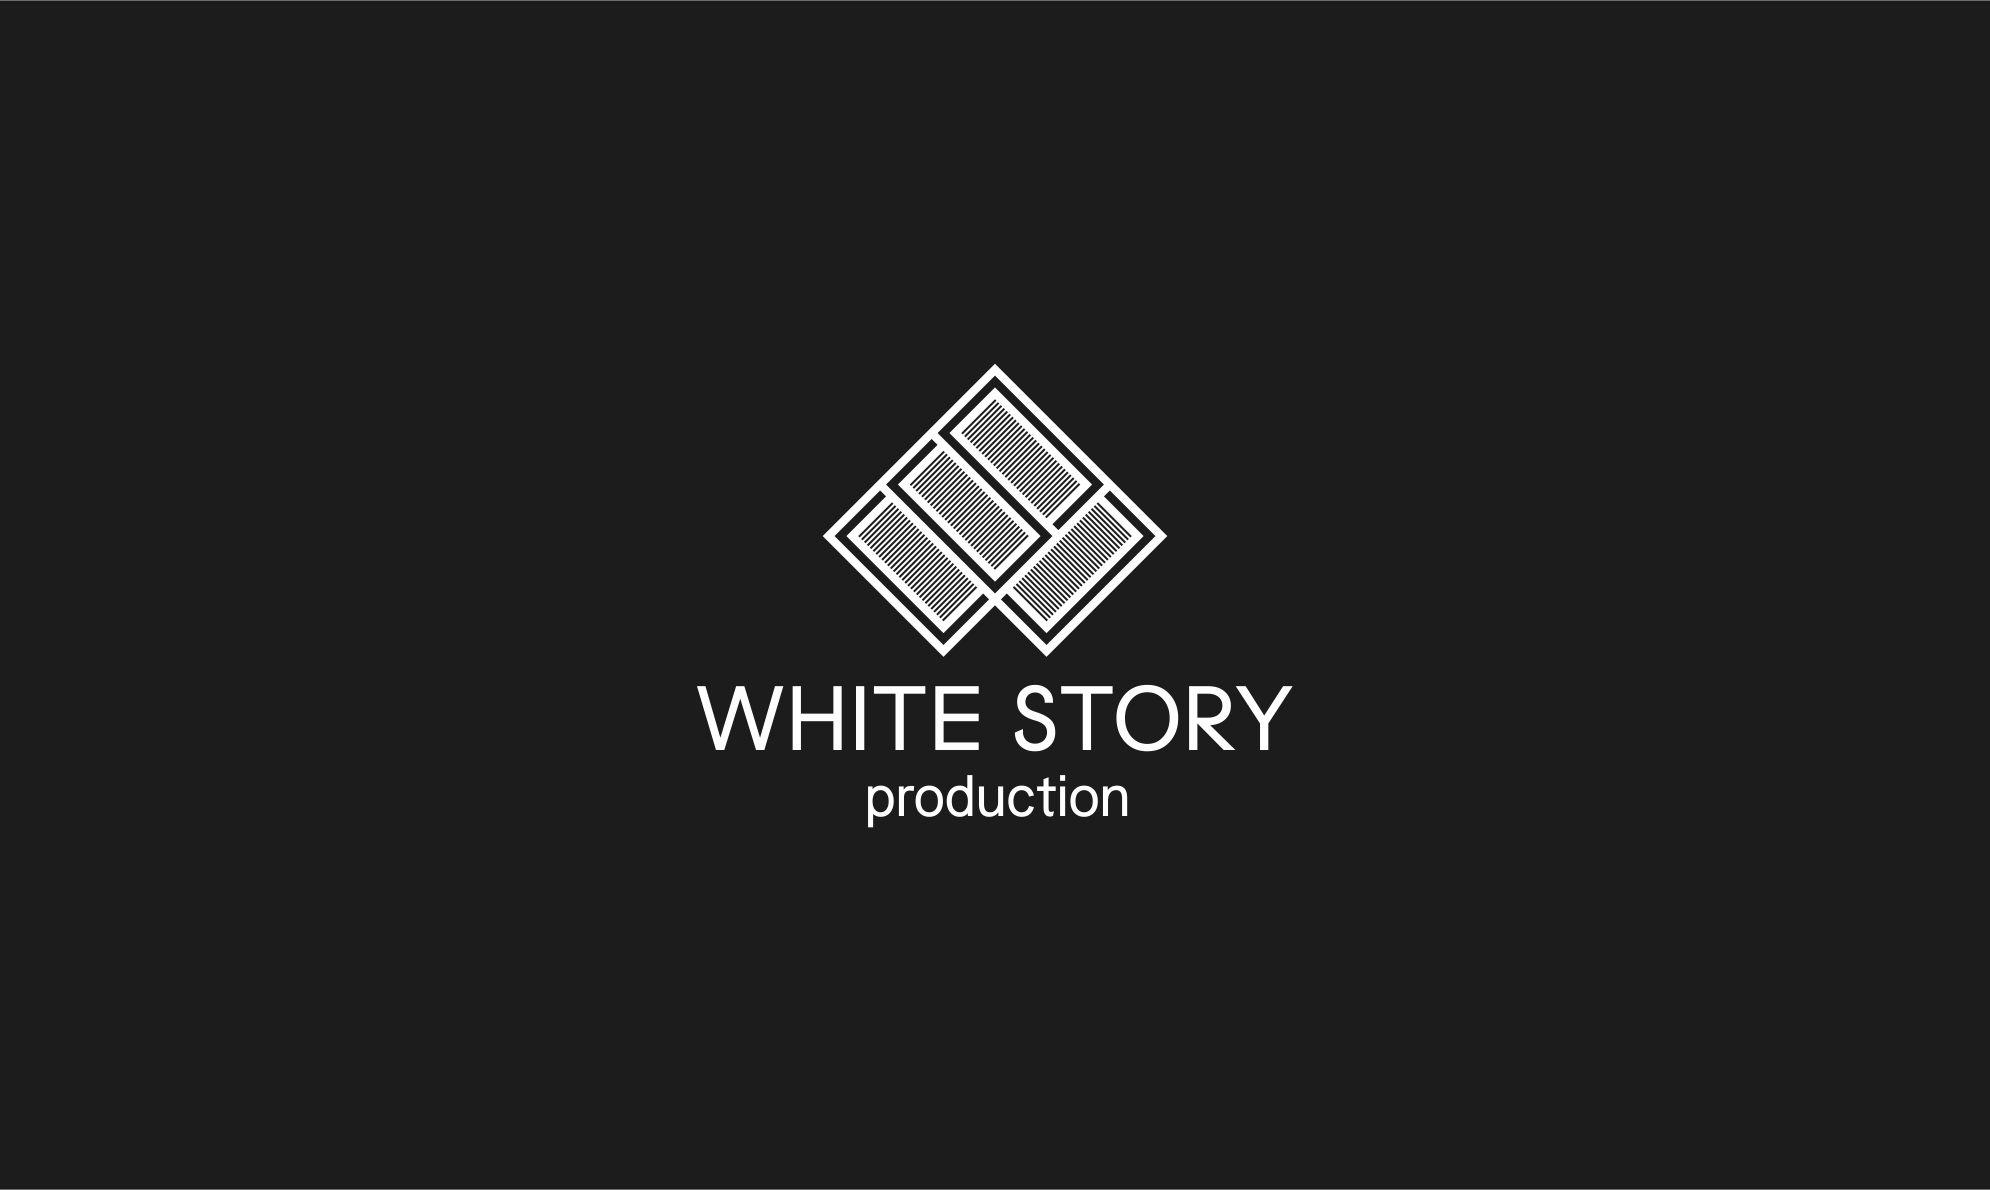 Логотип для Логотип для Фото и Видео продакшена - дизайнер Anton_Biryukov